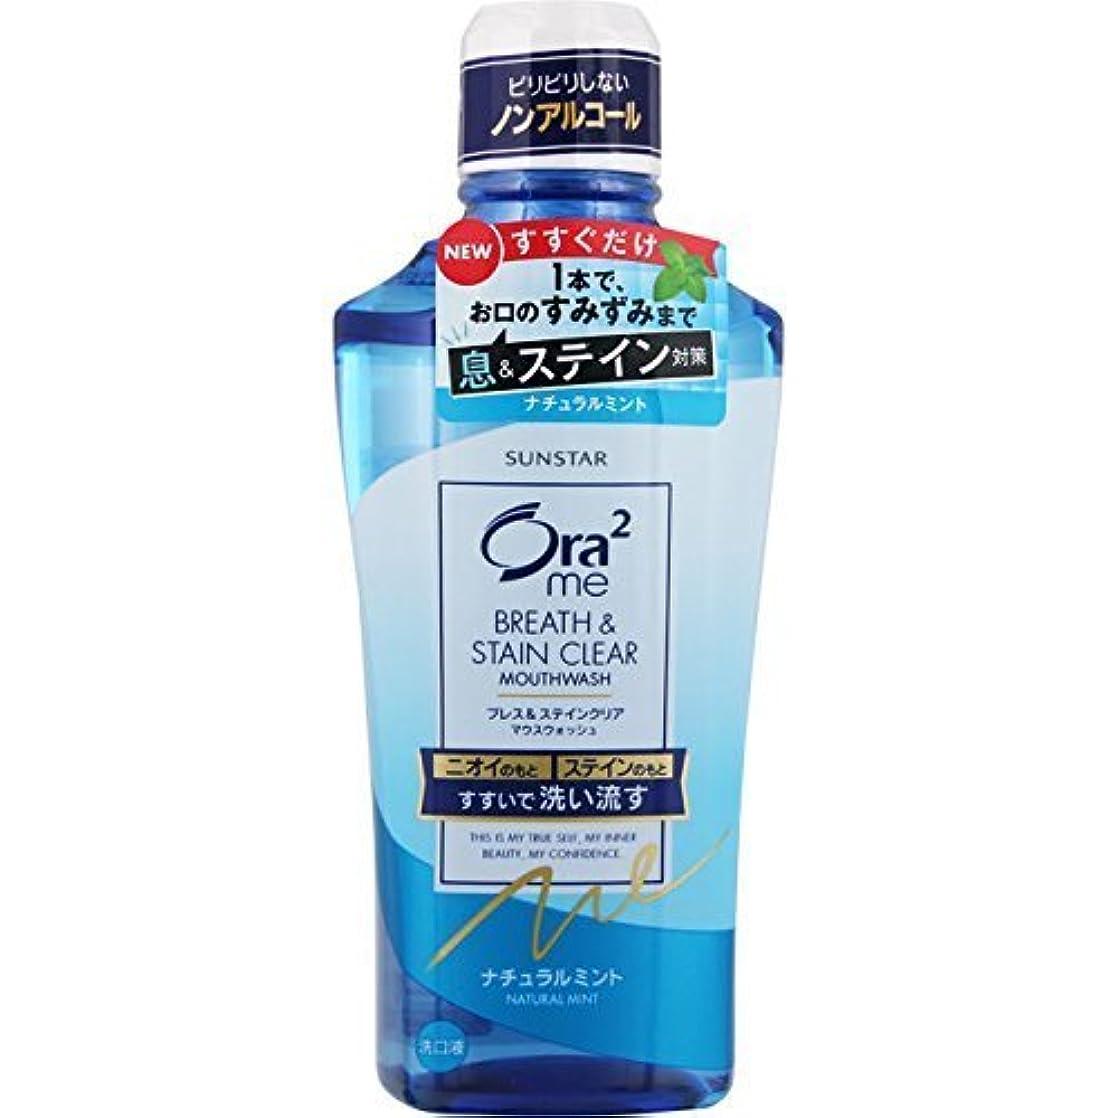 変化する適合楕円形Ora2(オーラツー) ミーマウスウォッシュ ステインクリア 洗口液[ ナチュラルミント ]